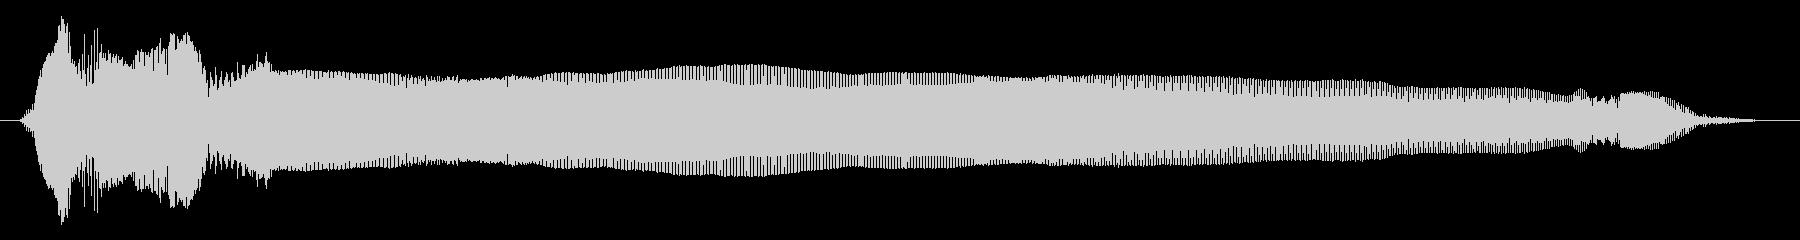 うわあああ!(Type-D)の未再生の波形